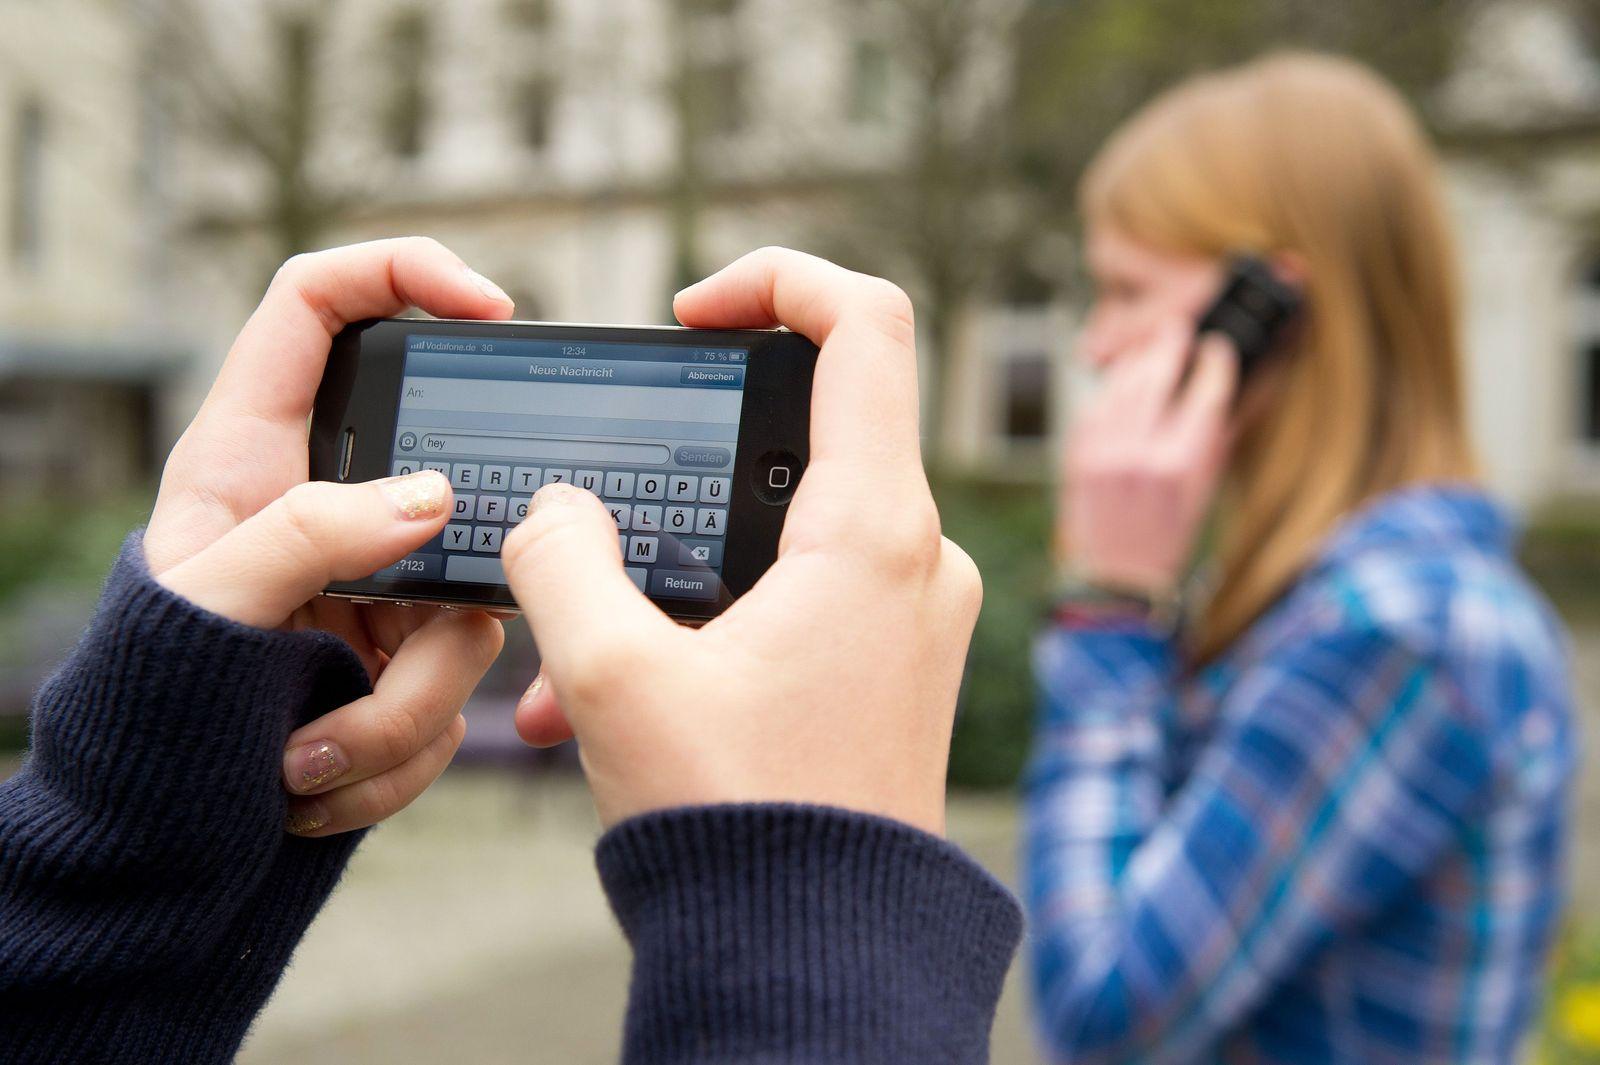 Schüler / Schule / Handy